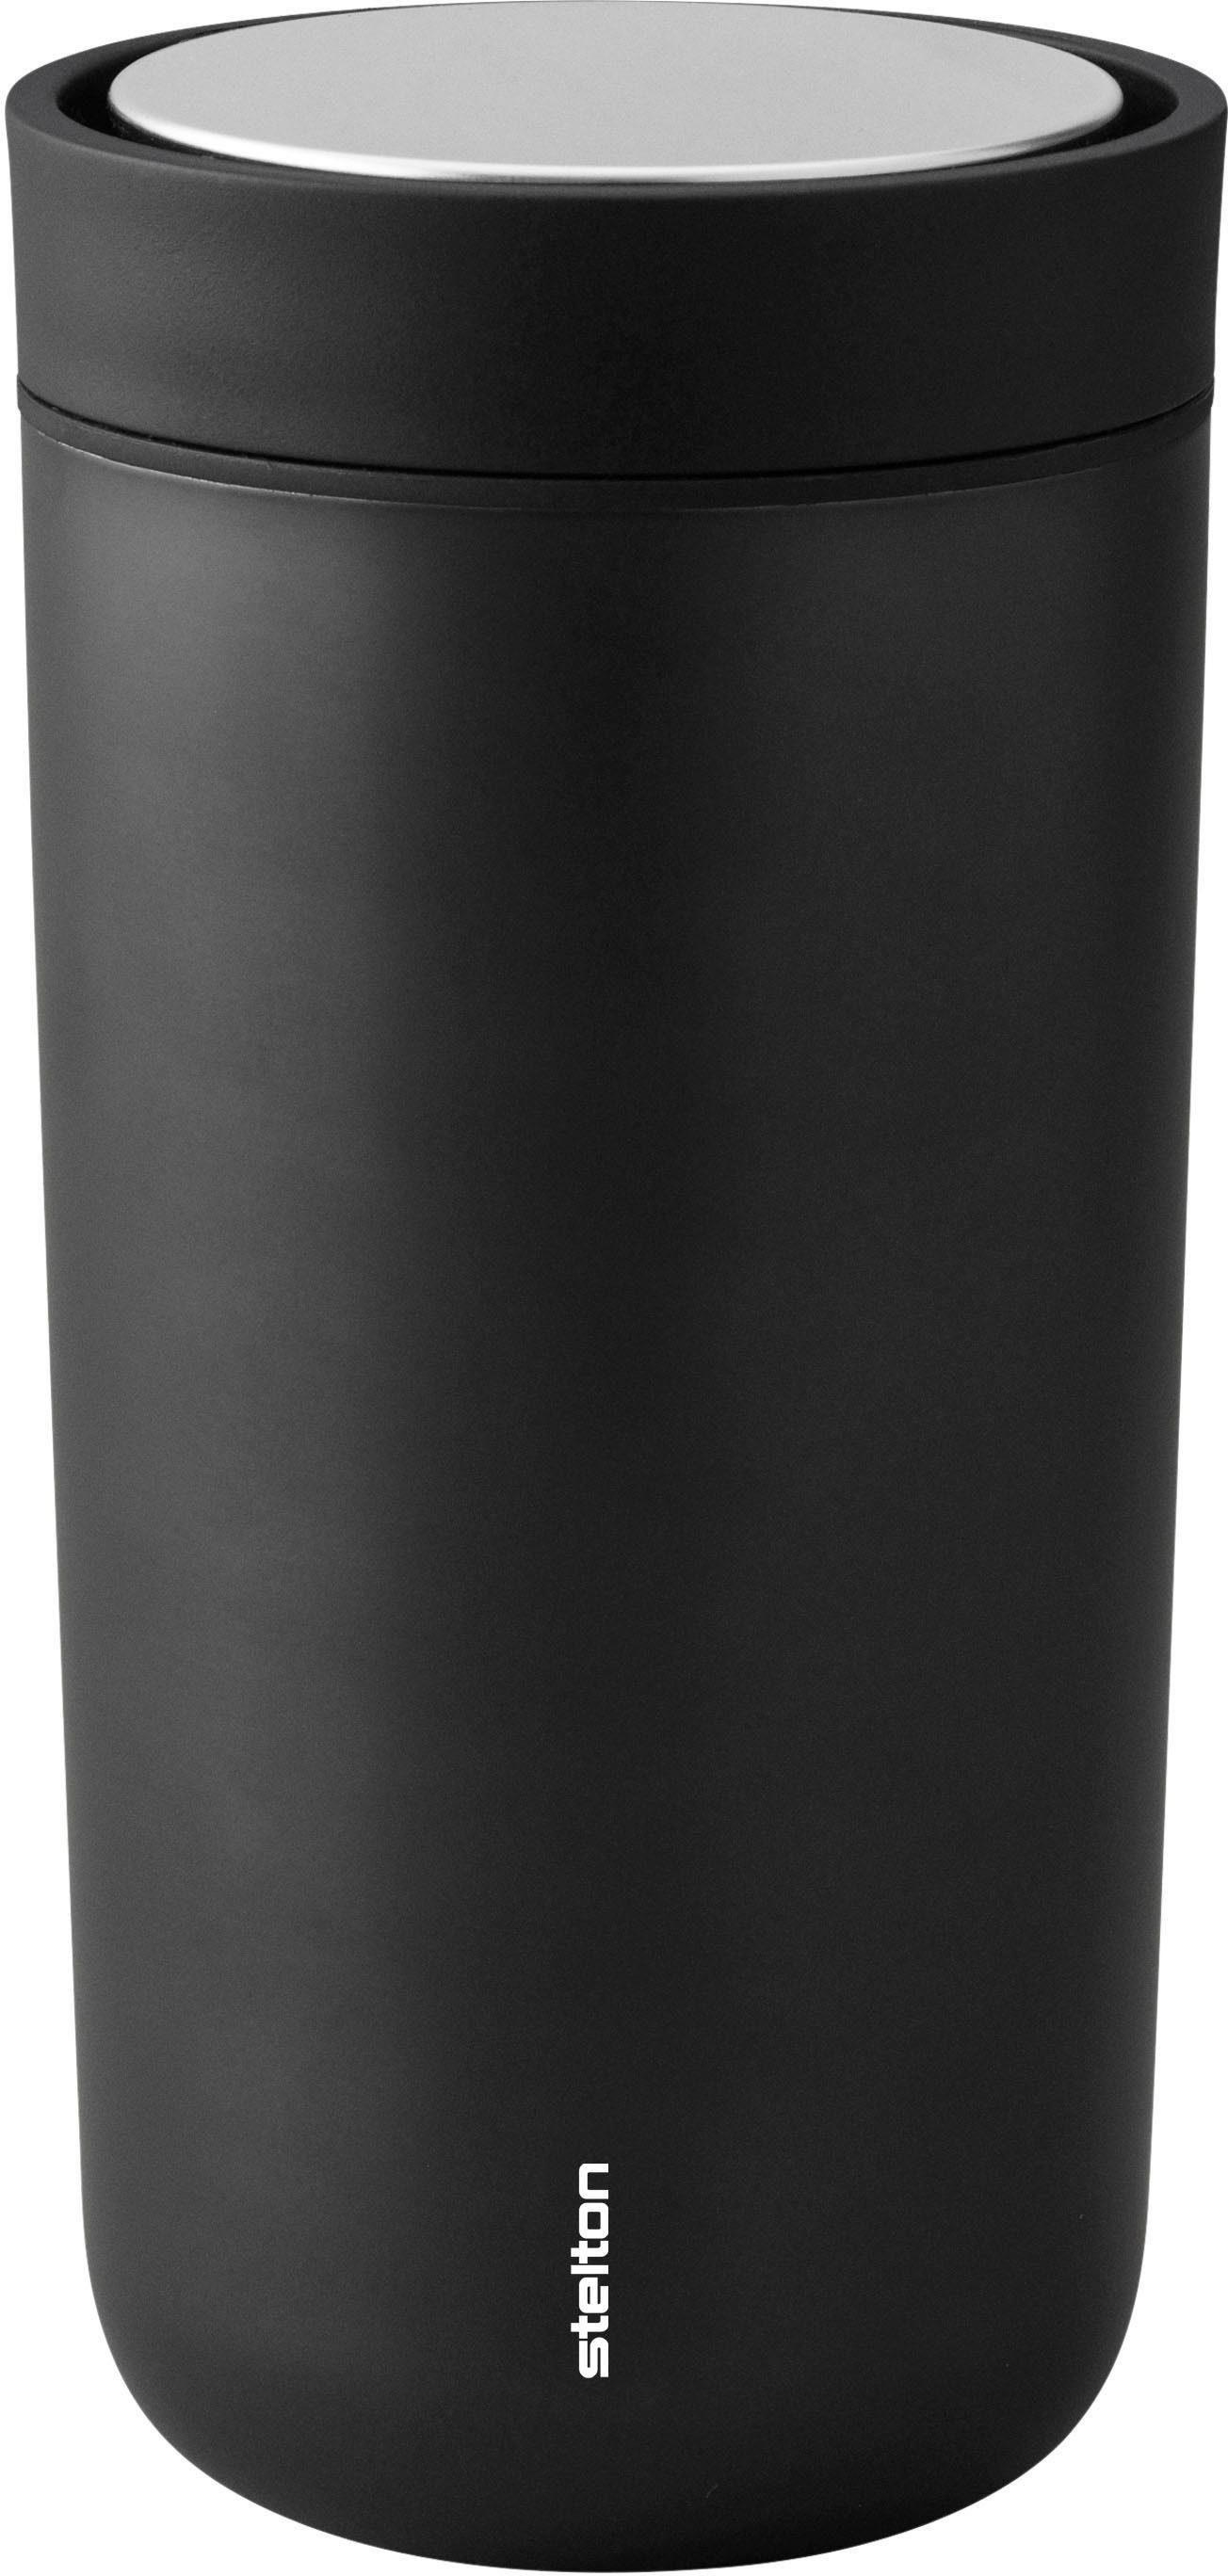 Stelton Thermobecher To Go Click, 400 ml schwarz und Coffee to go Geschirr, Porzellan Tischaccessoires Haushaltswaren